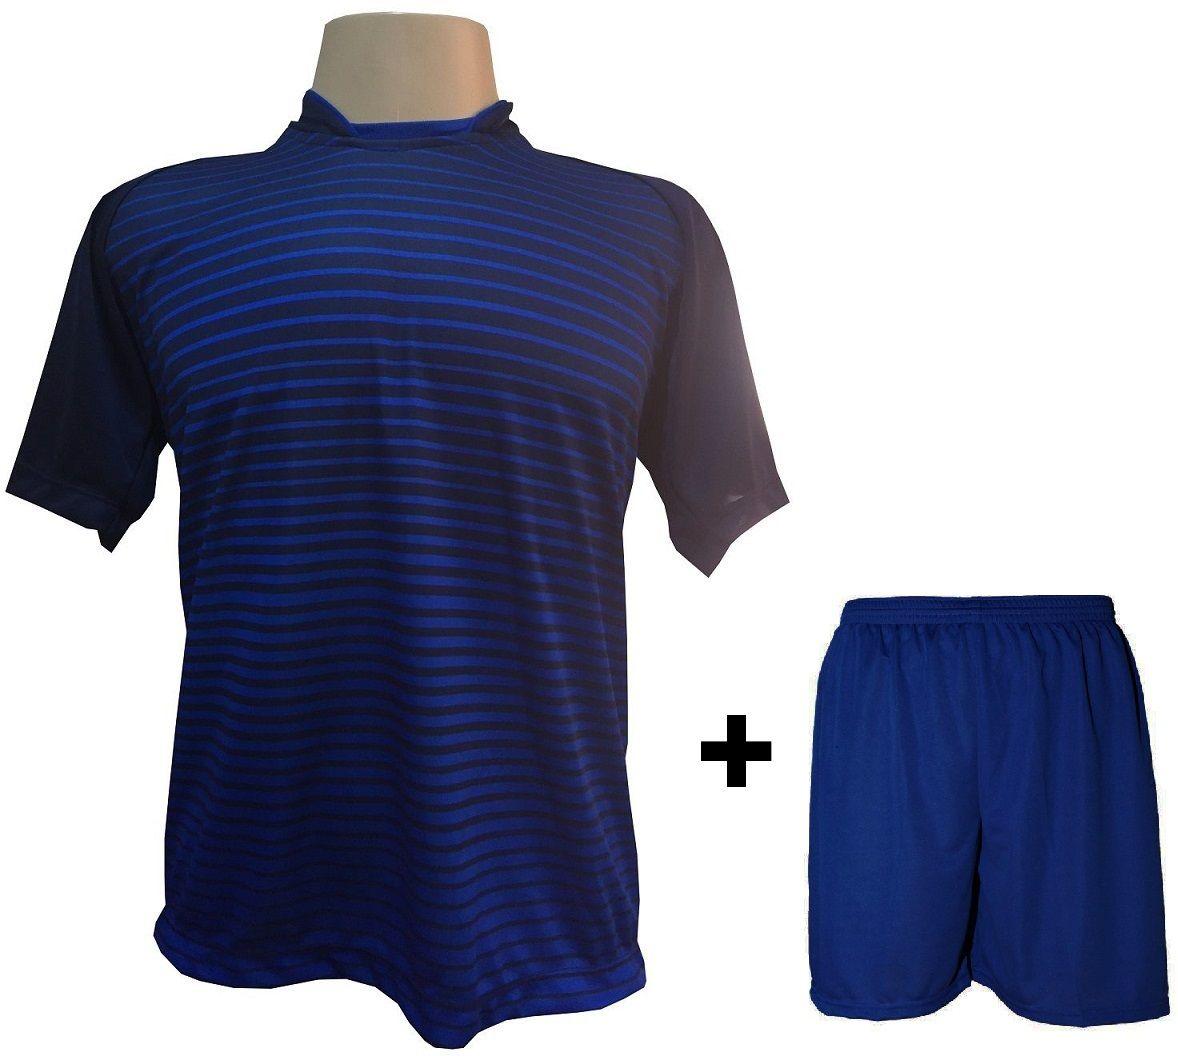 Uniforme Esportivo com 12 camisas modelo City Marinho/Royal + 12 calções modelo Madrid + 1 Goleiro Brindes